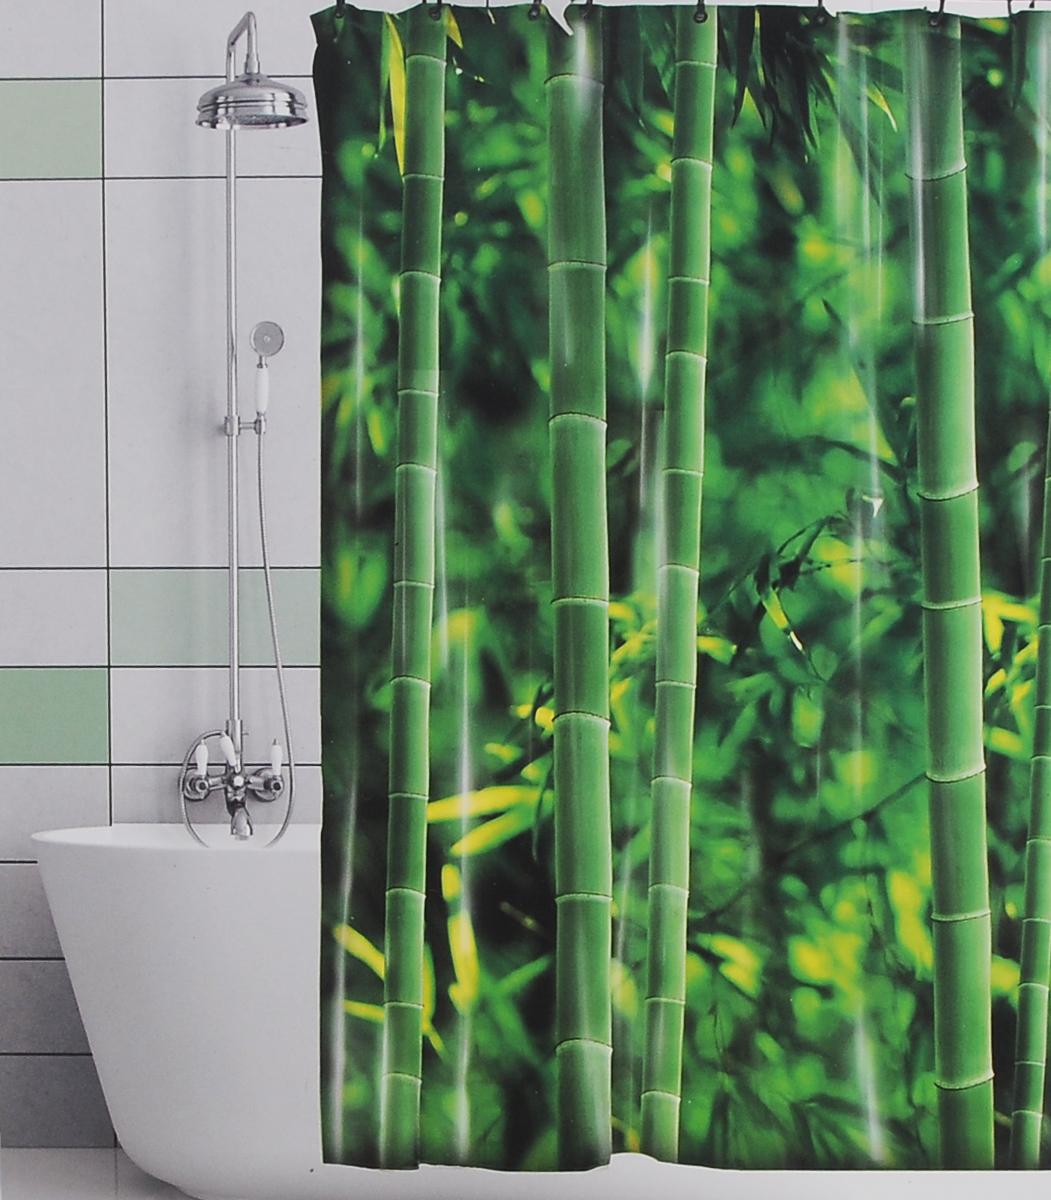 Штора для ванной Valiant Бамбуковые джунгли, цвет: зеленый, 180 х 180 смGHШтора для ванной комнаты Valiant Бамбуковые джунгли из 100% плотного полиэстера с водоотталкивающей поверхностью идеально защищает ванную комнату от брызг. В верхней кромке шторы предусмотрены отверстия для пластиковых колец (входят в комплект), а в нижней кромке шторы скрыт гибкий шнур, который поддерживает ее в естественной расправленной форме. Штору можно легко почистить мягкой губкой с мылом или постирать ее с мягким моющим средством в деликатном режиме. Количество колец: 12 шт.